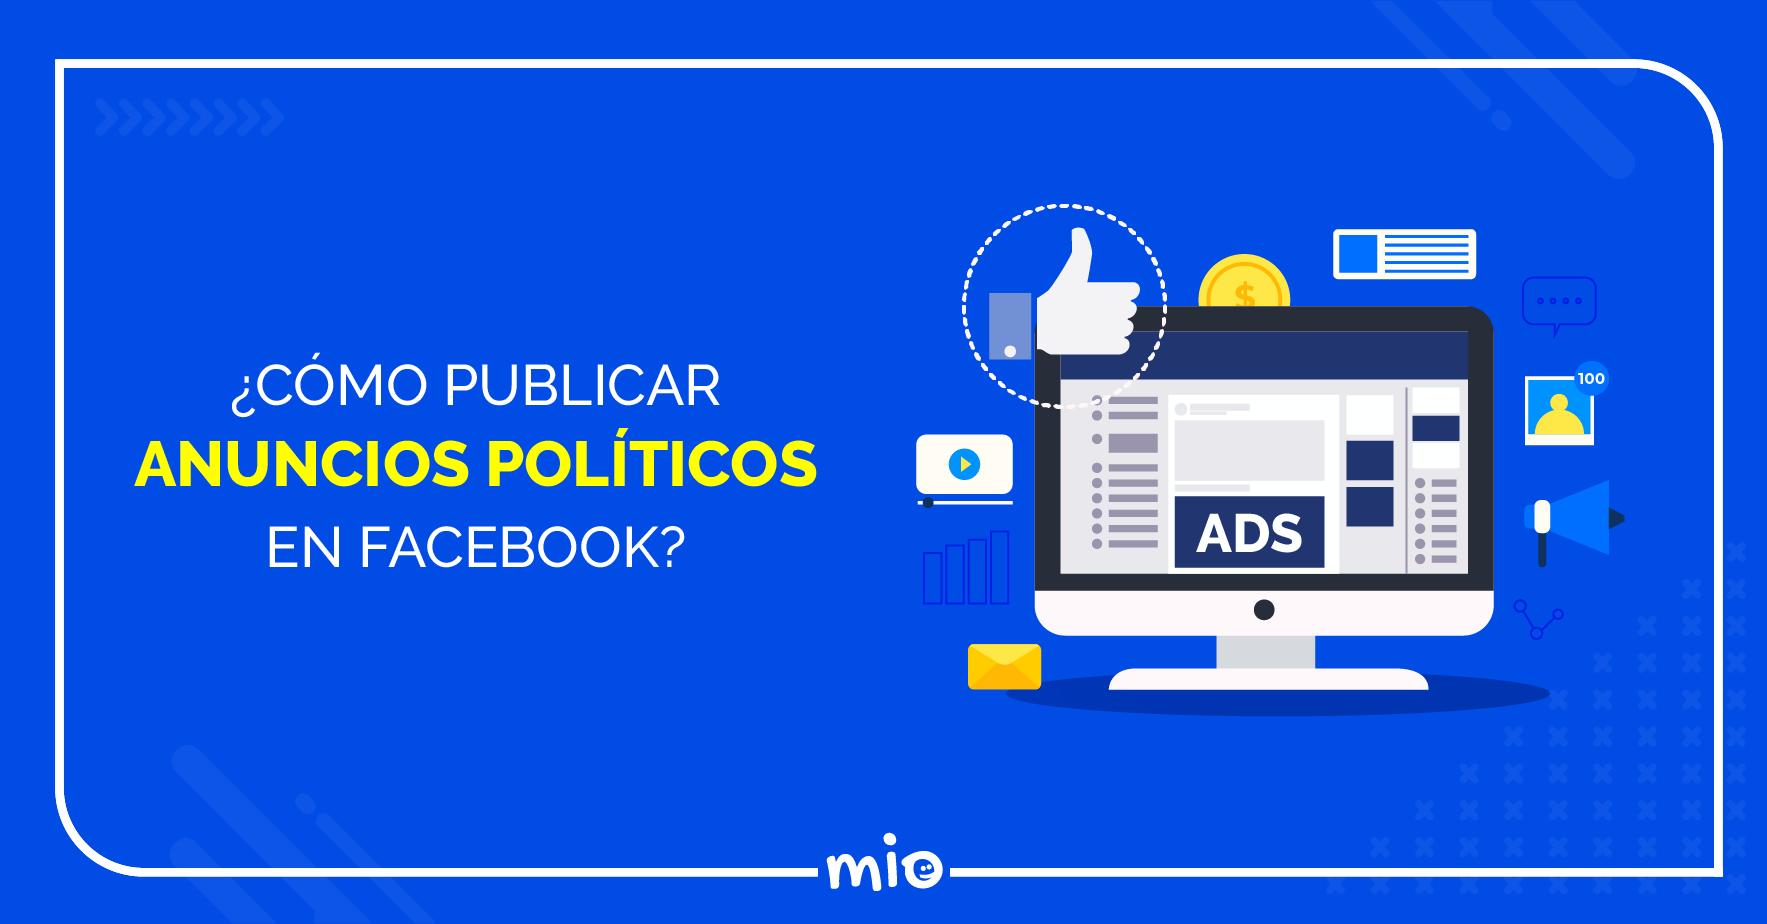 Cómo publicar anuncios políticos en Facebook